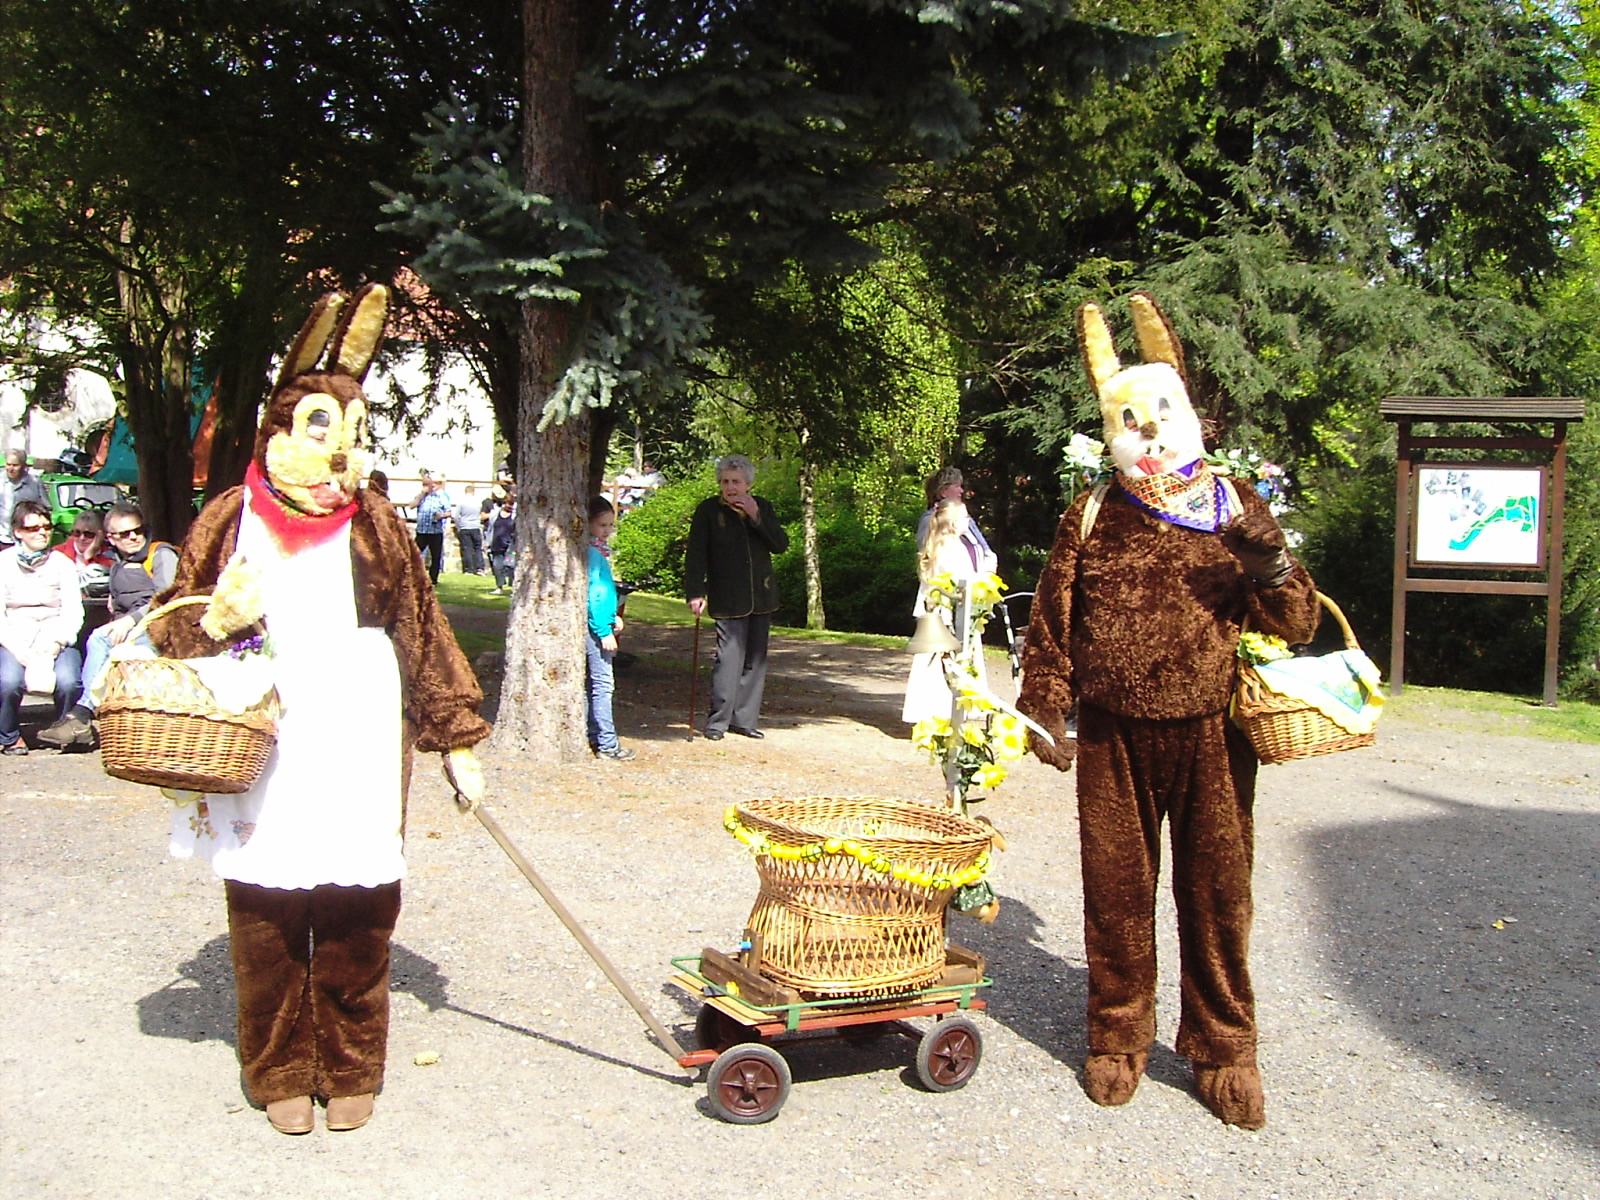 Ostern auf Schloss Schönfeld